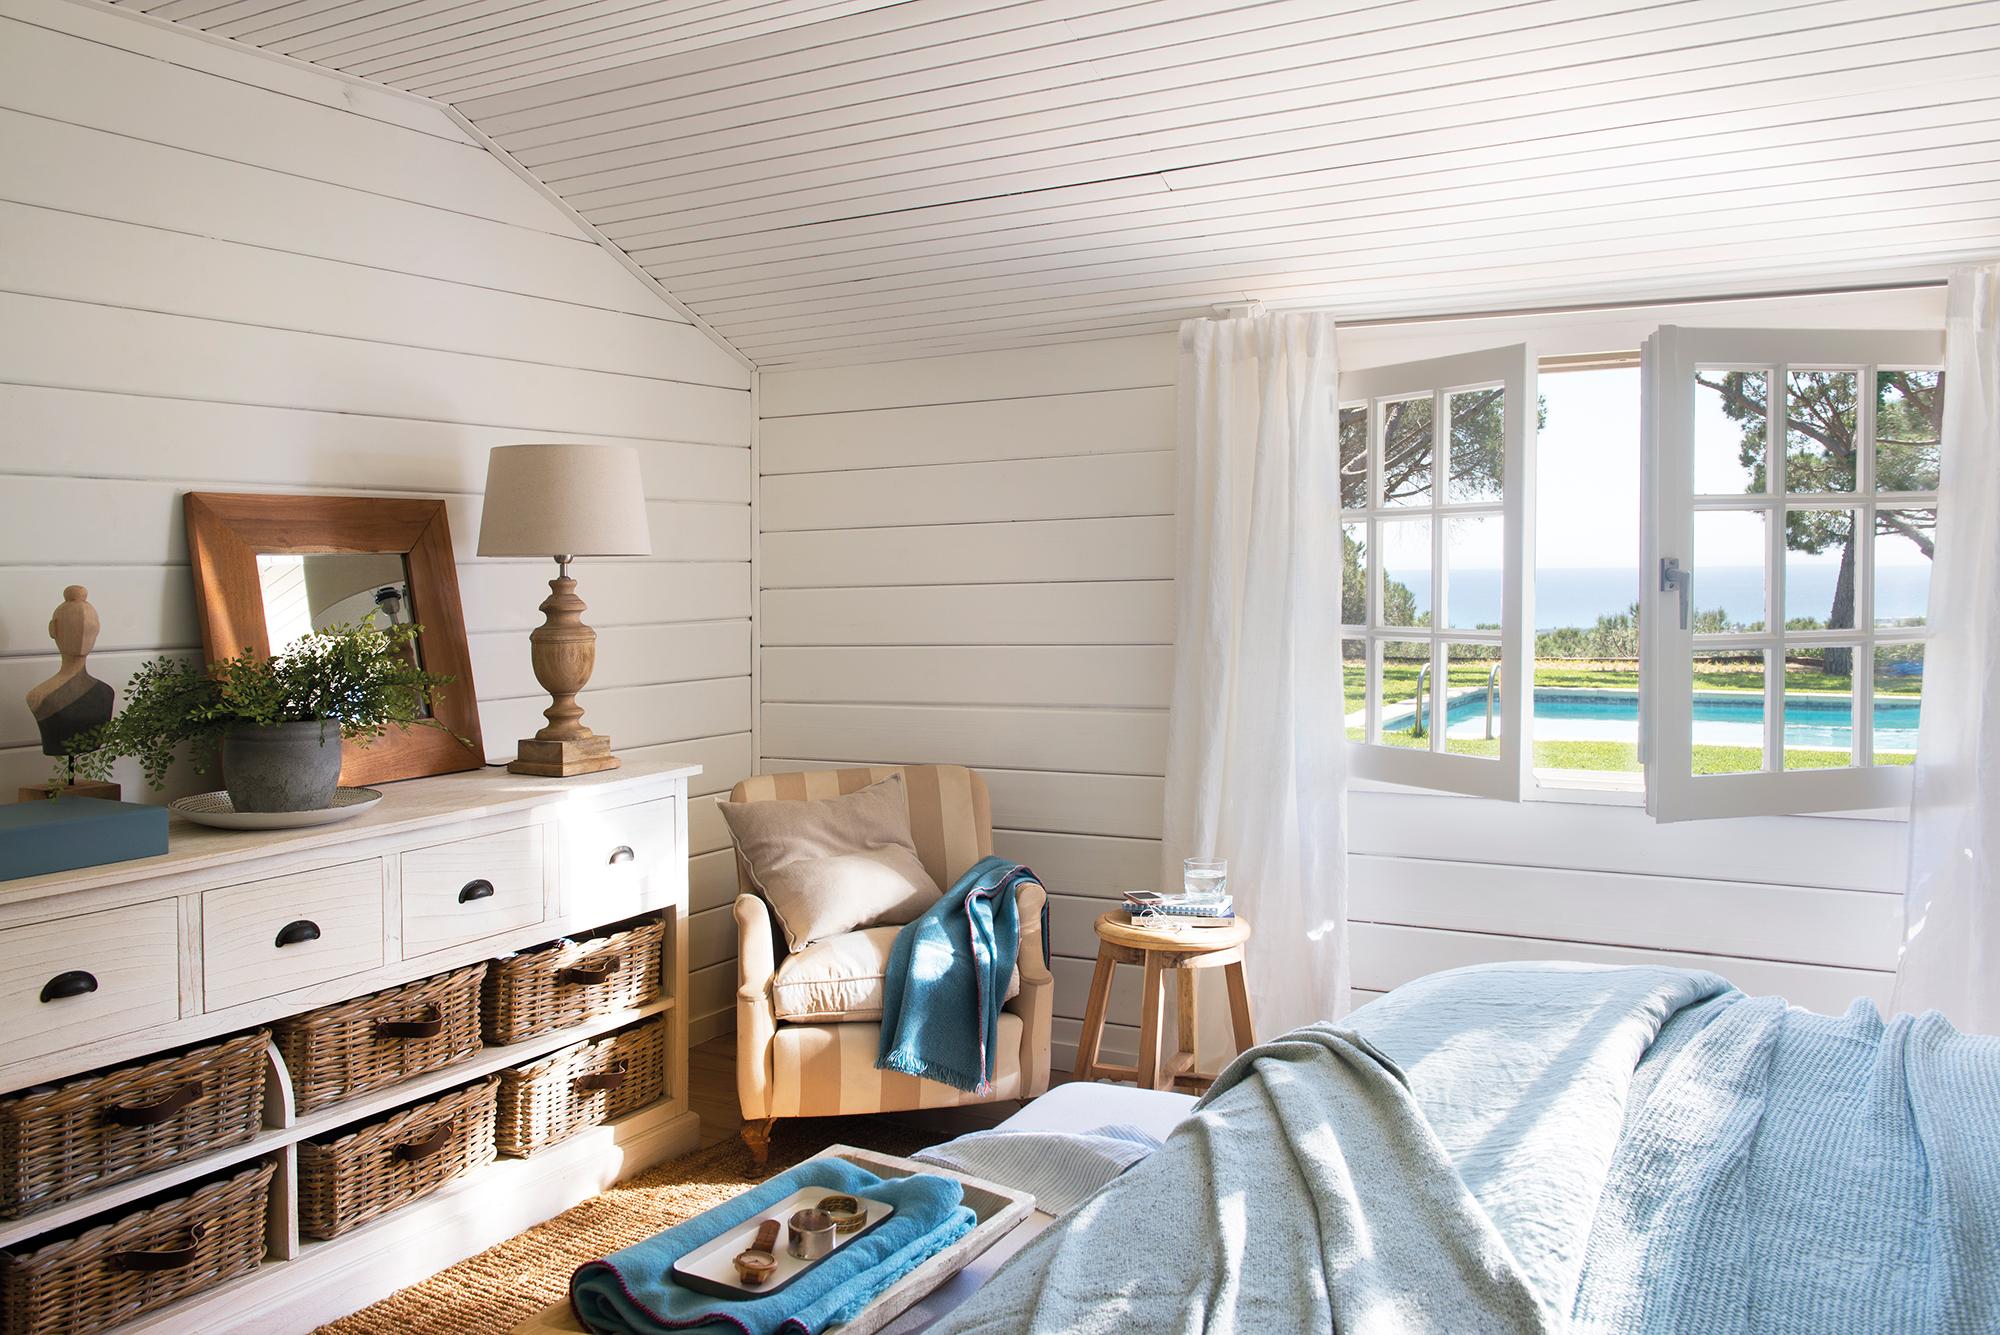 Dormitorio con paredes y suelo de listones de madera blanca y mueble bajo a pie de cama_458423